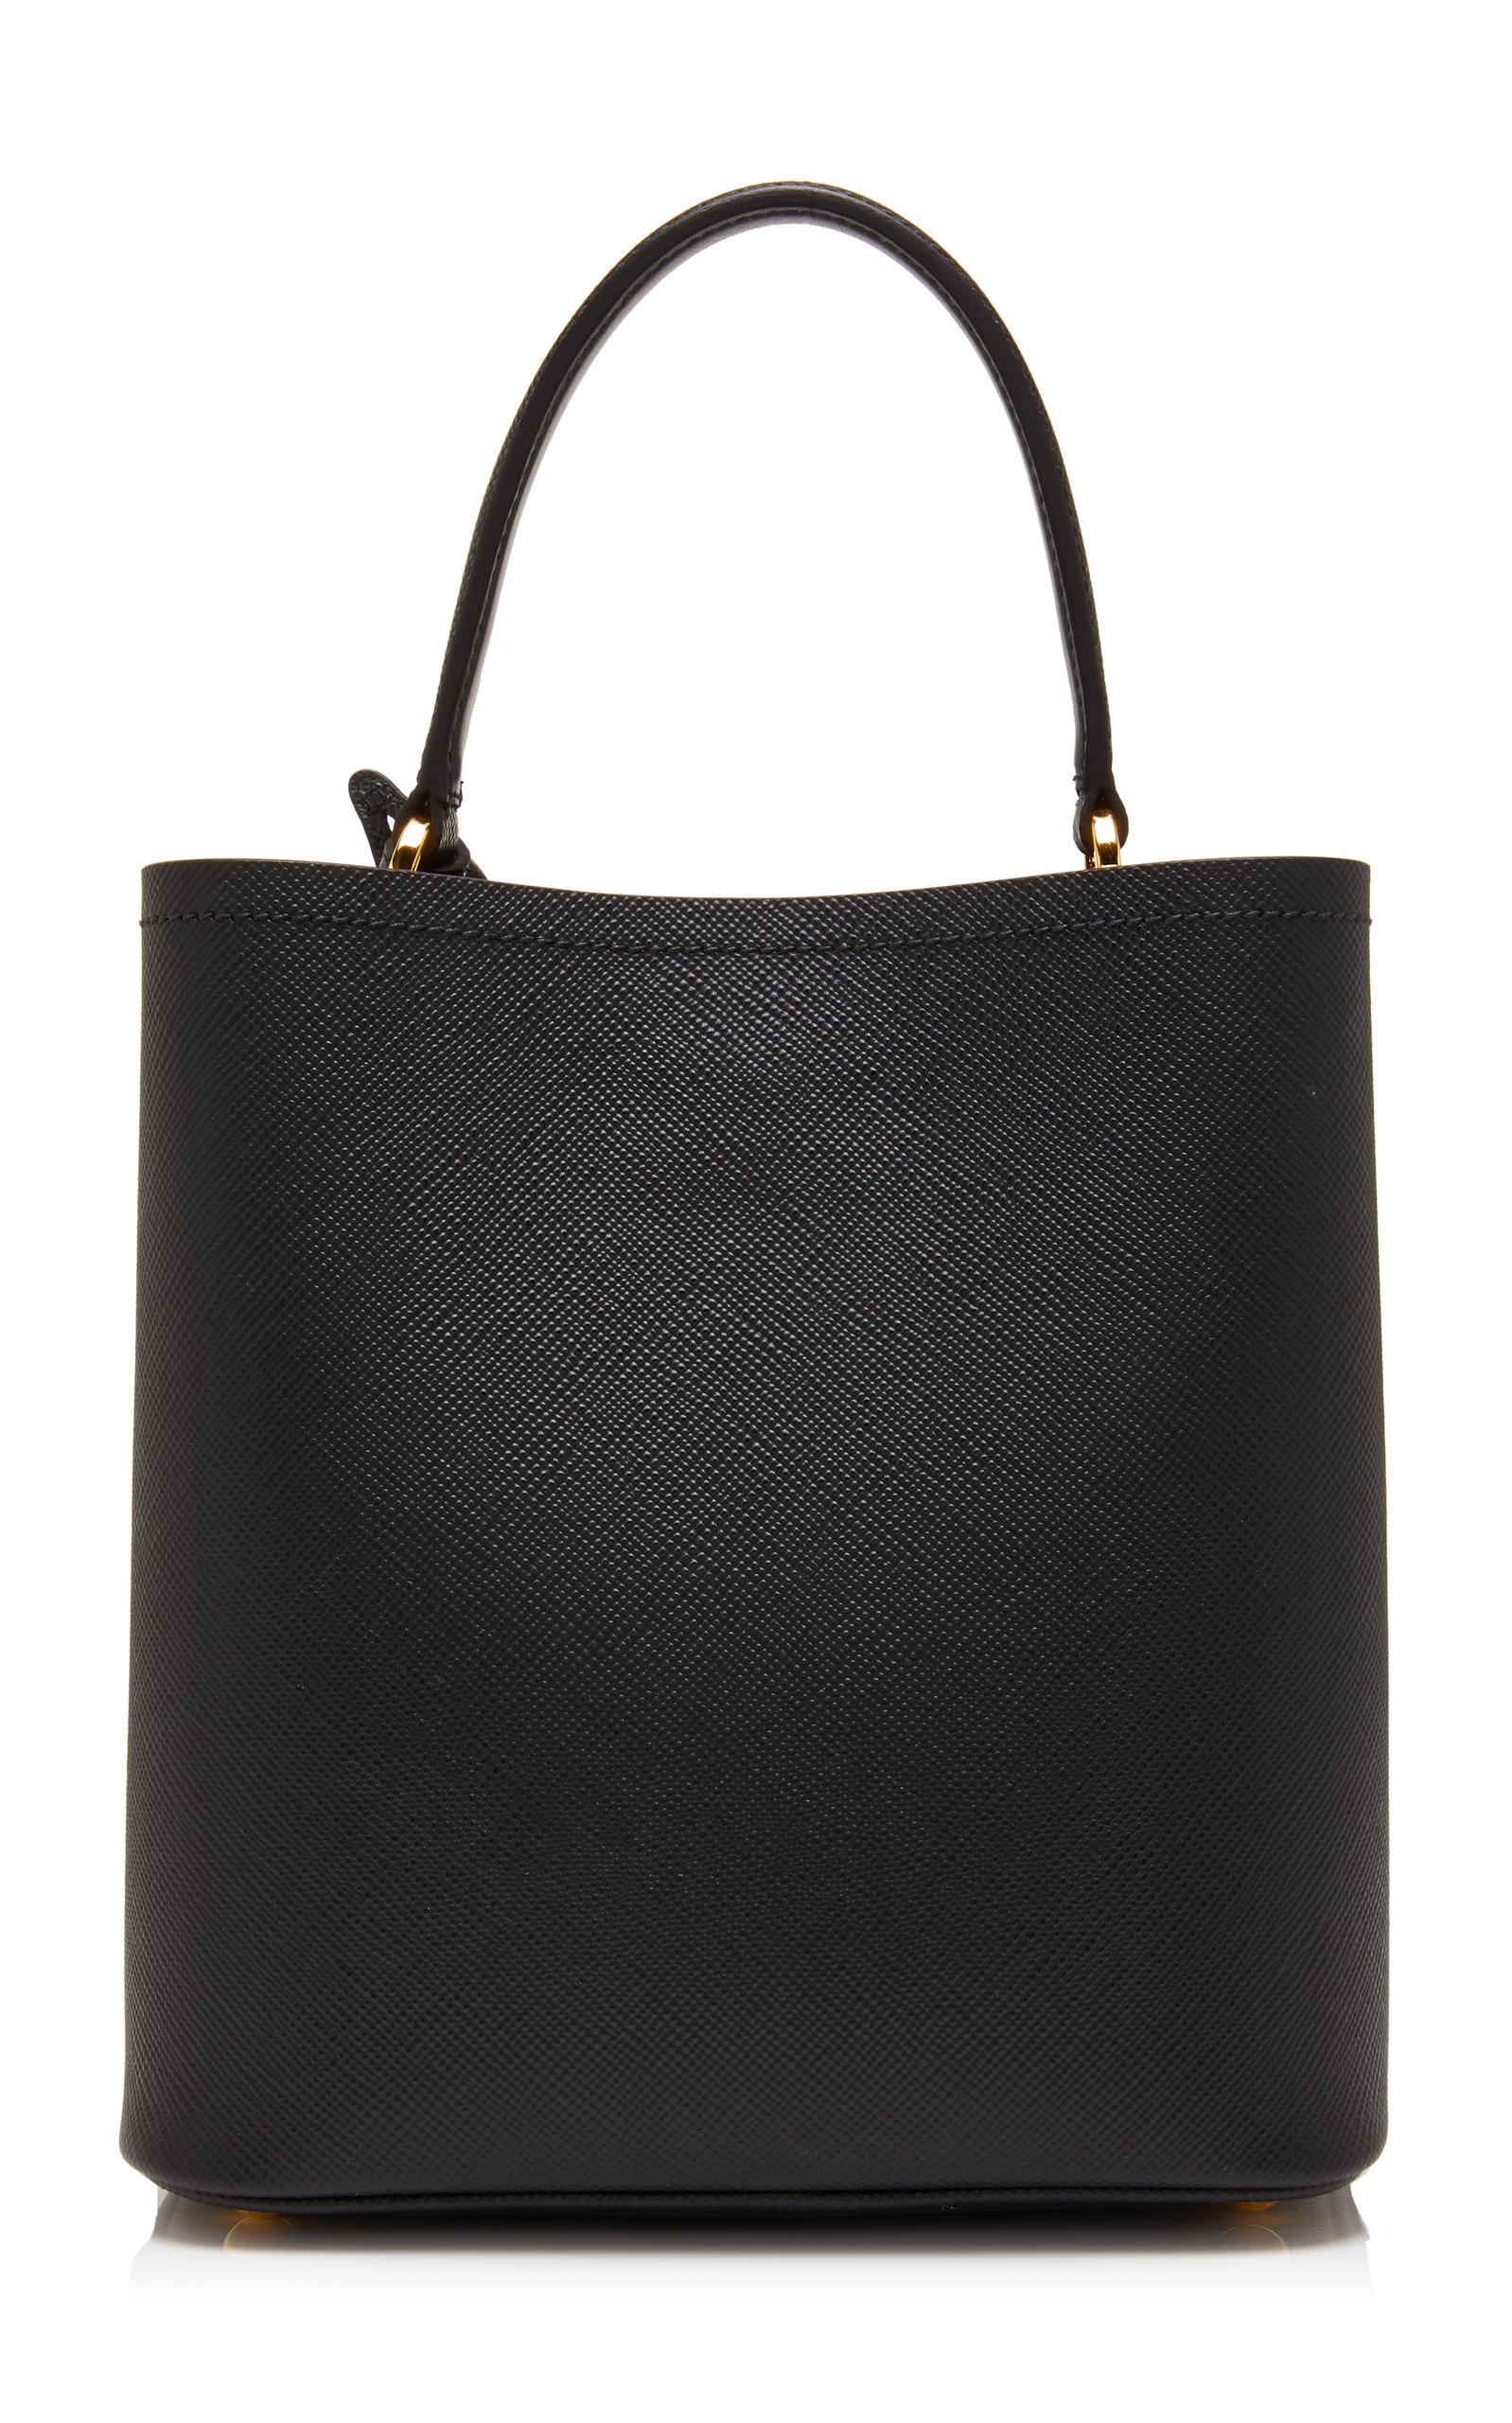 6d4ac2b63aceb8 PradaSaffiano Leather Bucket Bag. CLOSE. Loading. Loading. Loading. Loading